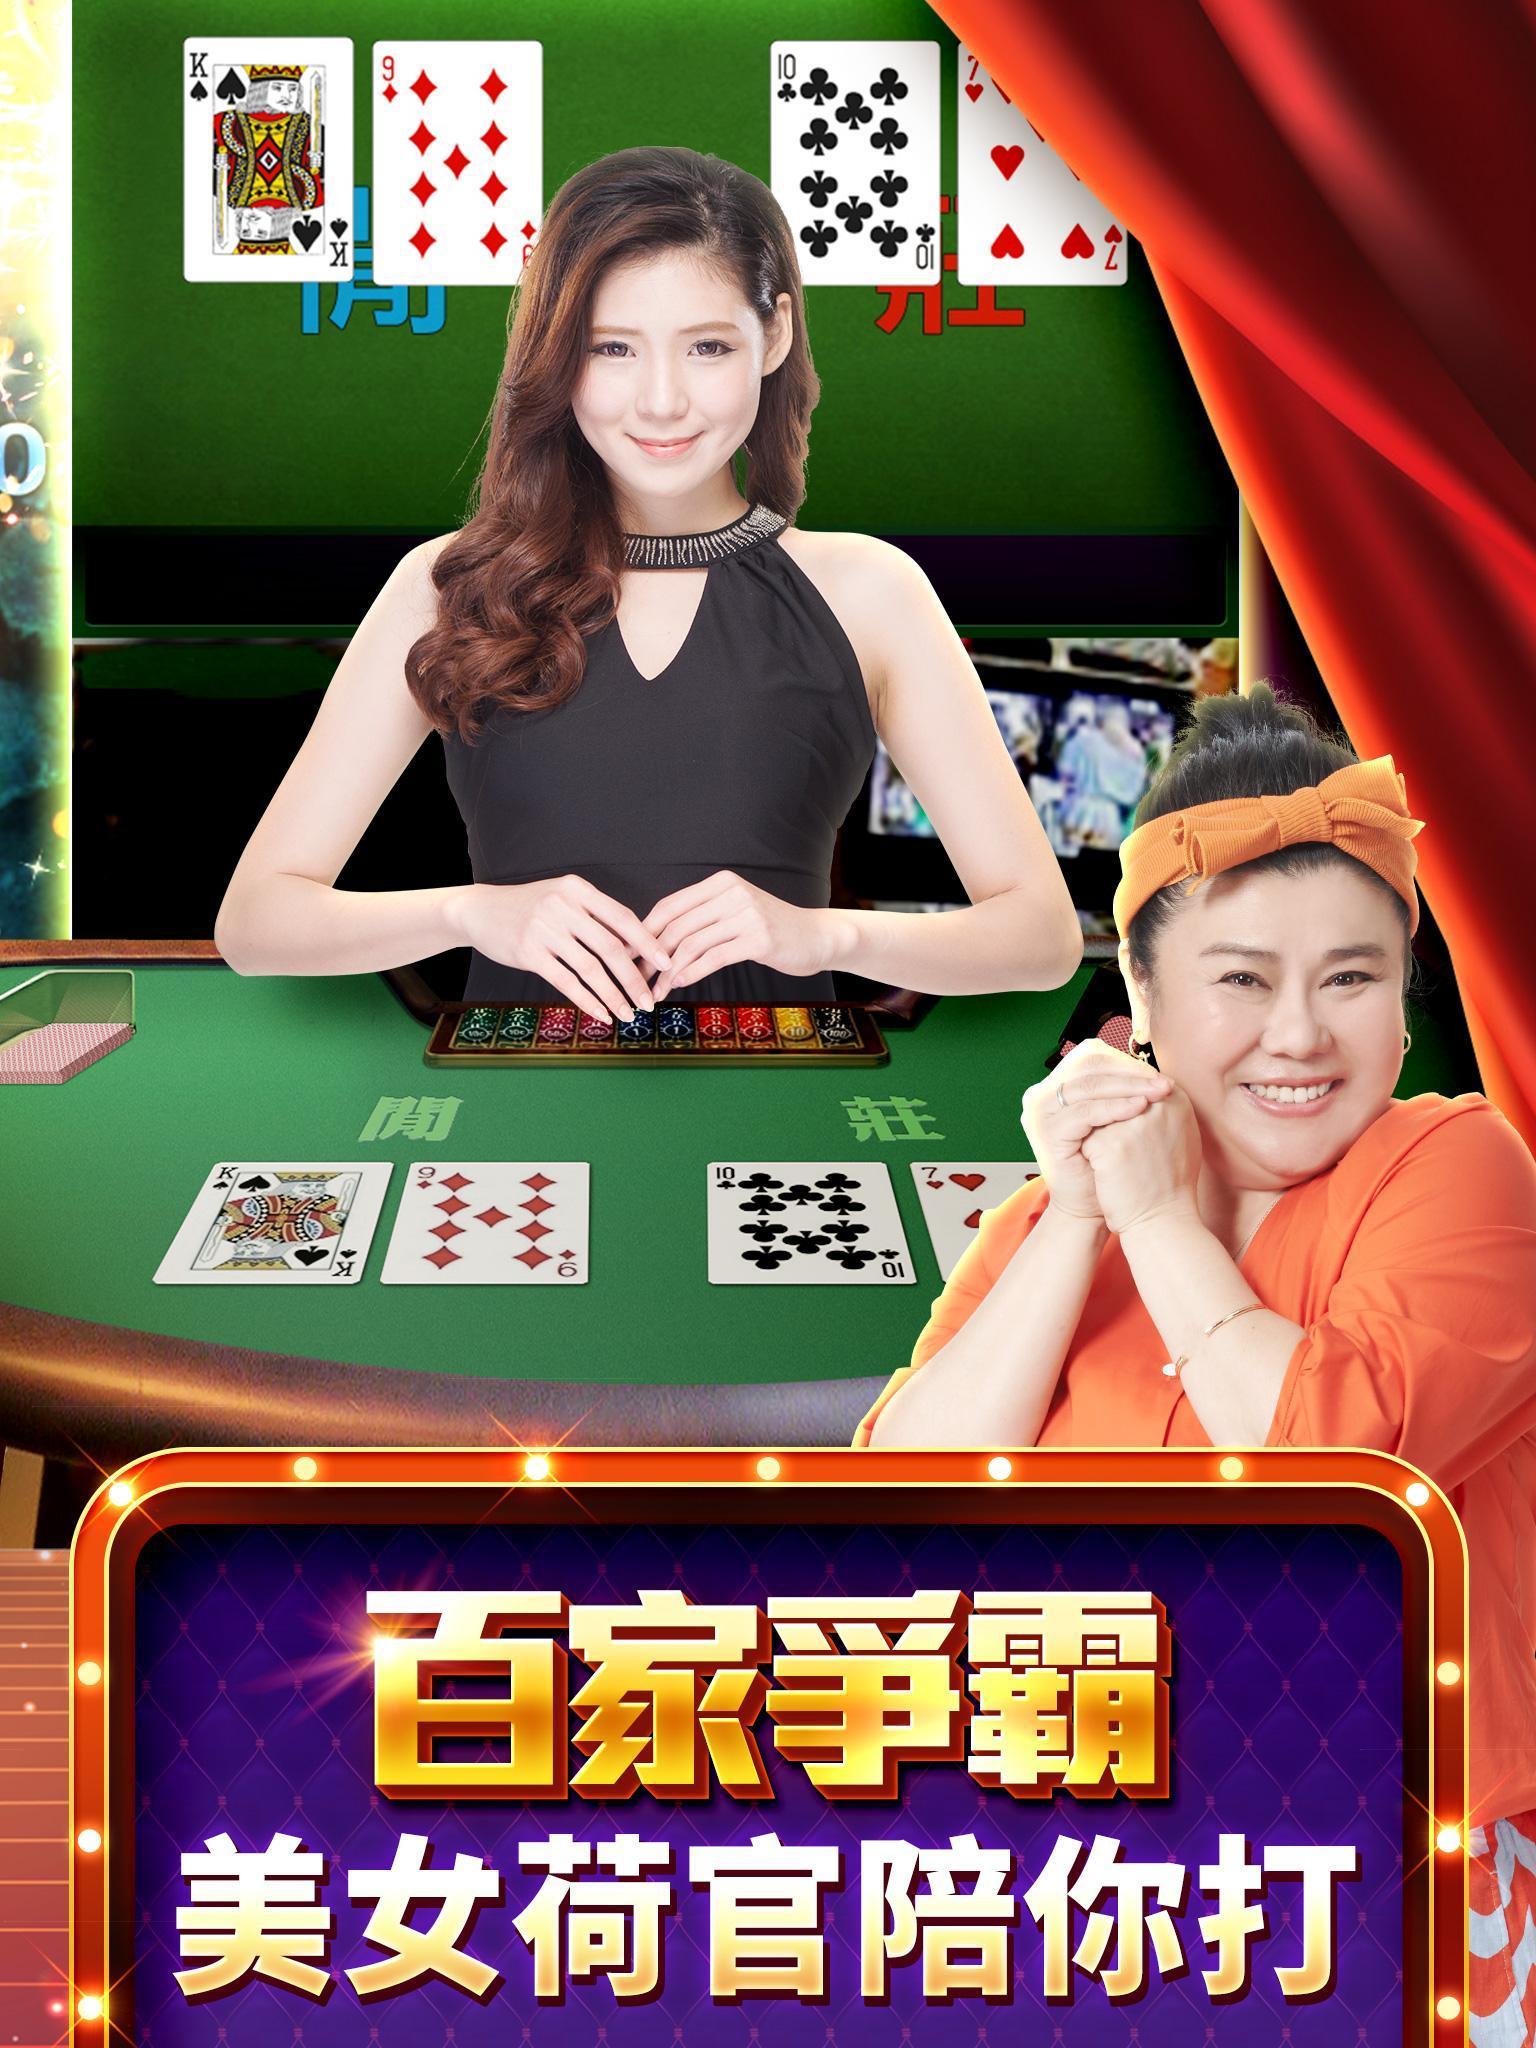 老子有錢 麻將、捕魚、老虎機、百家樂、柏青斯洛 2.57.1320 Screenshot 12